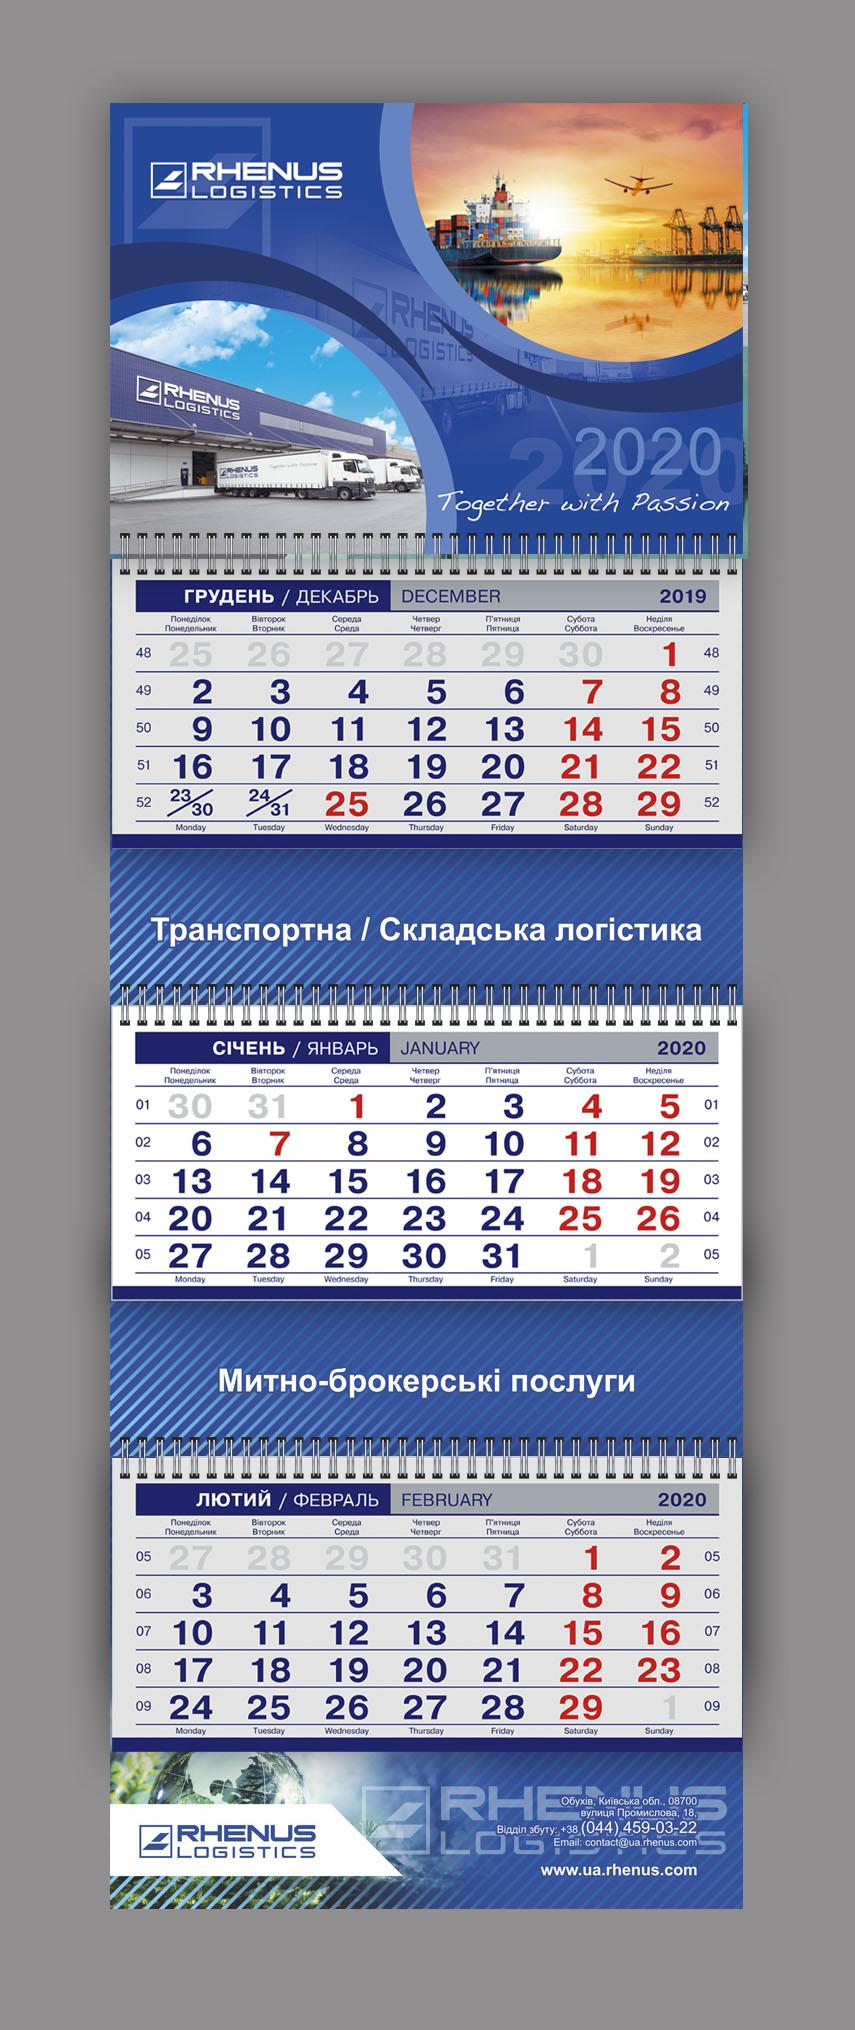 Дизайн квартального календаря логистической компании Rhenus 2020 Вариант №4 http://www.makety.top